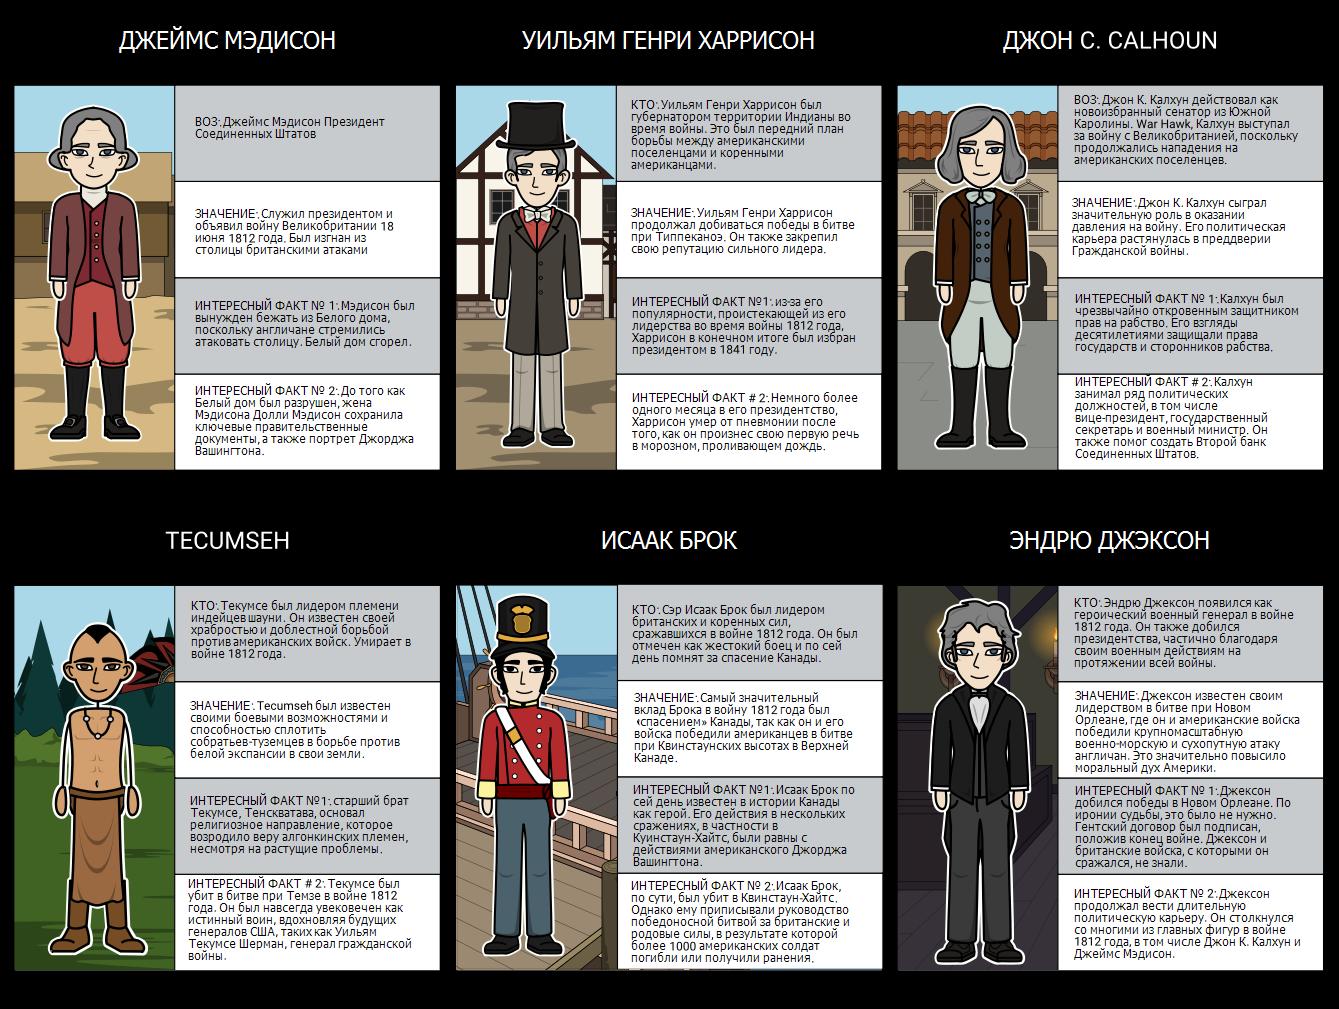 Война 1812 - Основные показатели в войне 1812 года